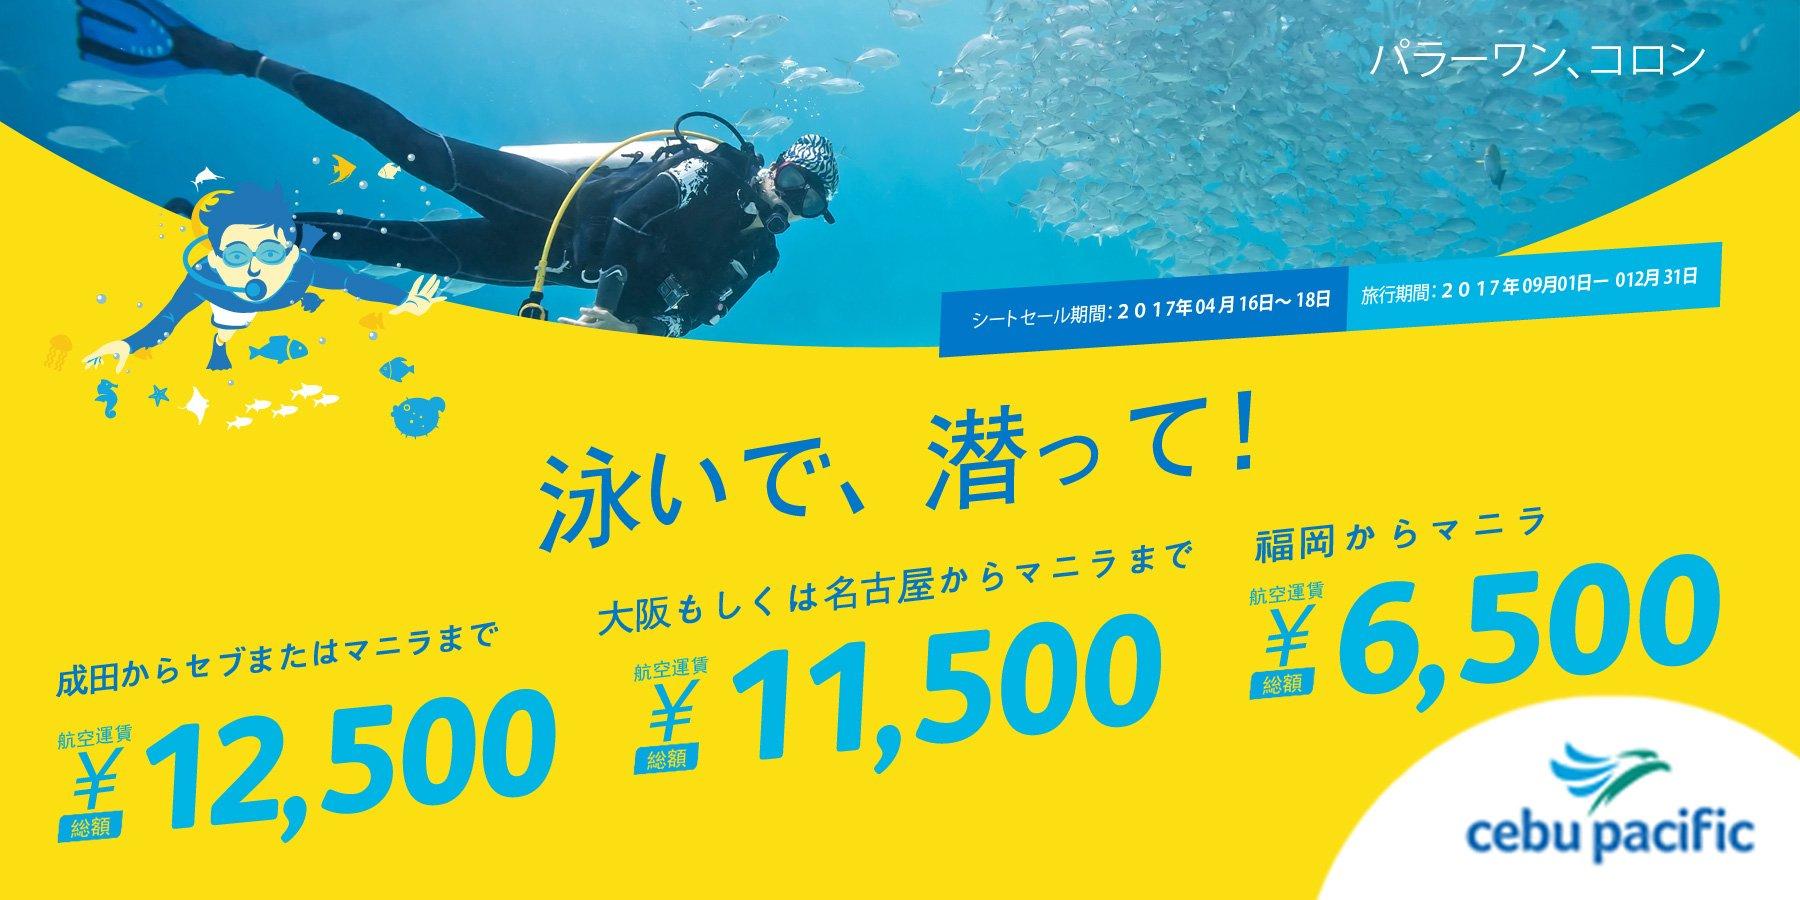 セブパシフィック航空「泳いで、潜って!」セール